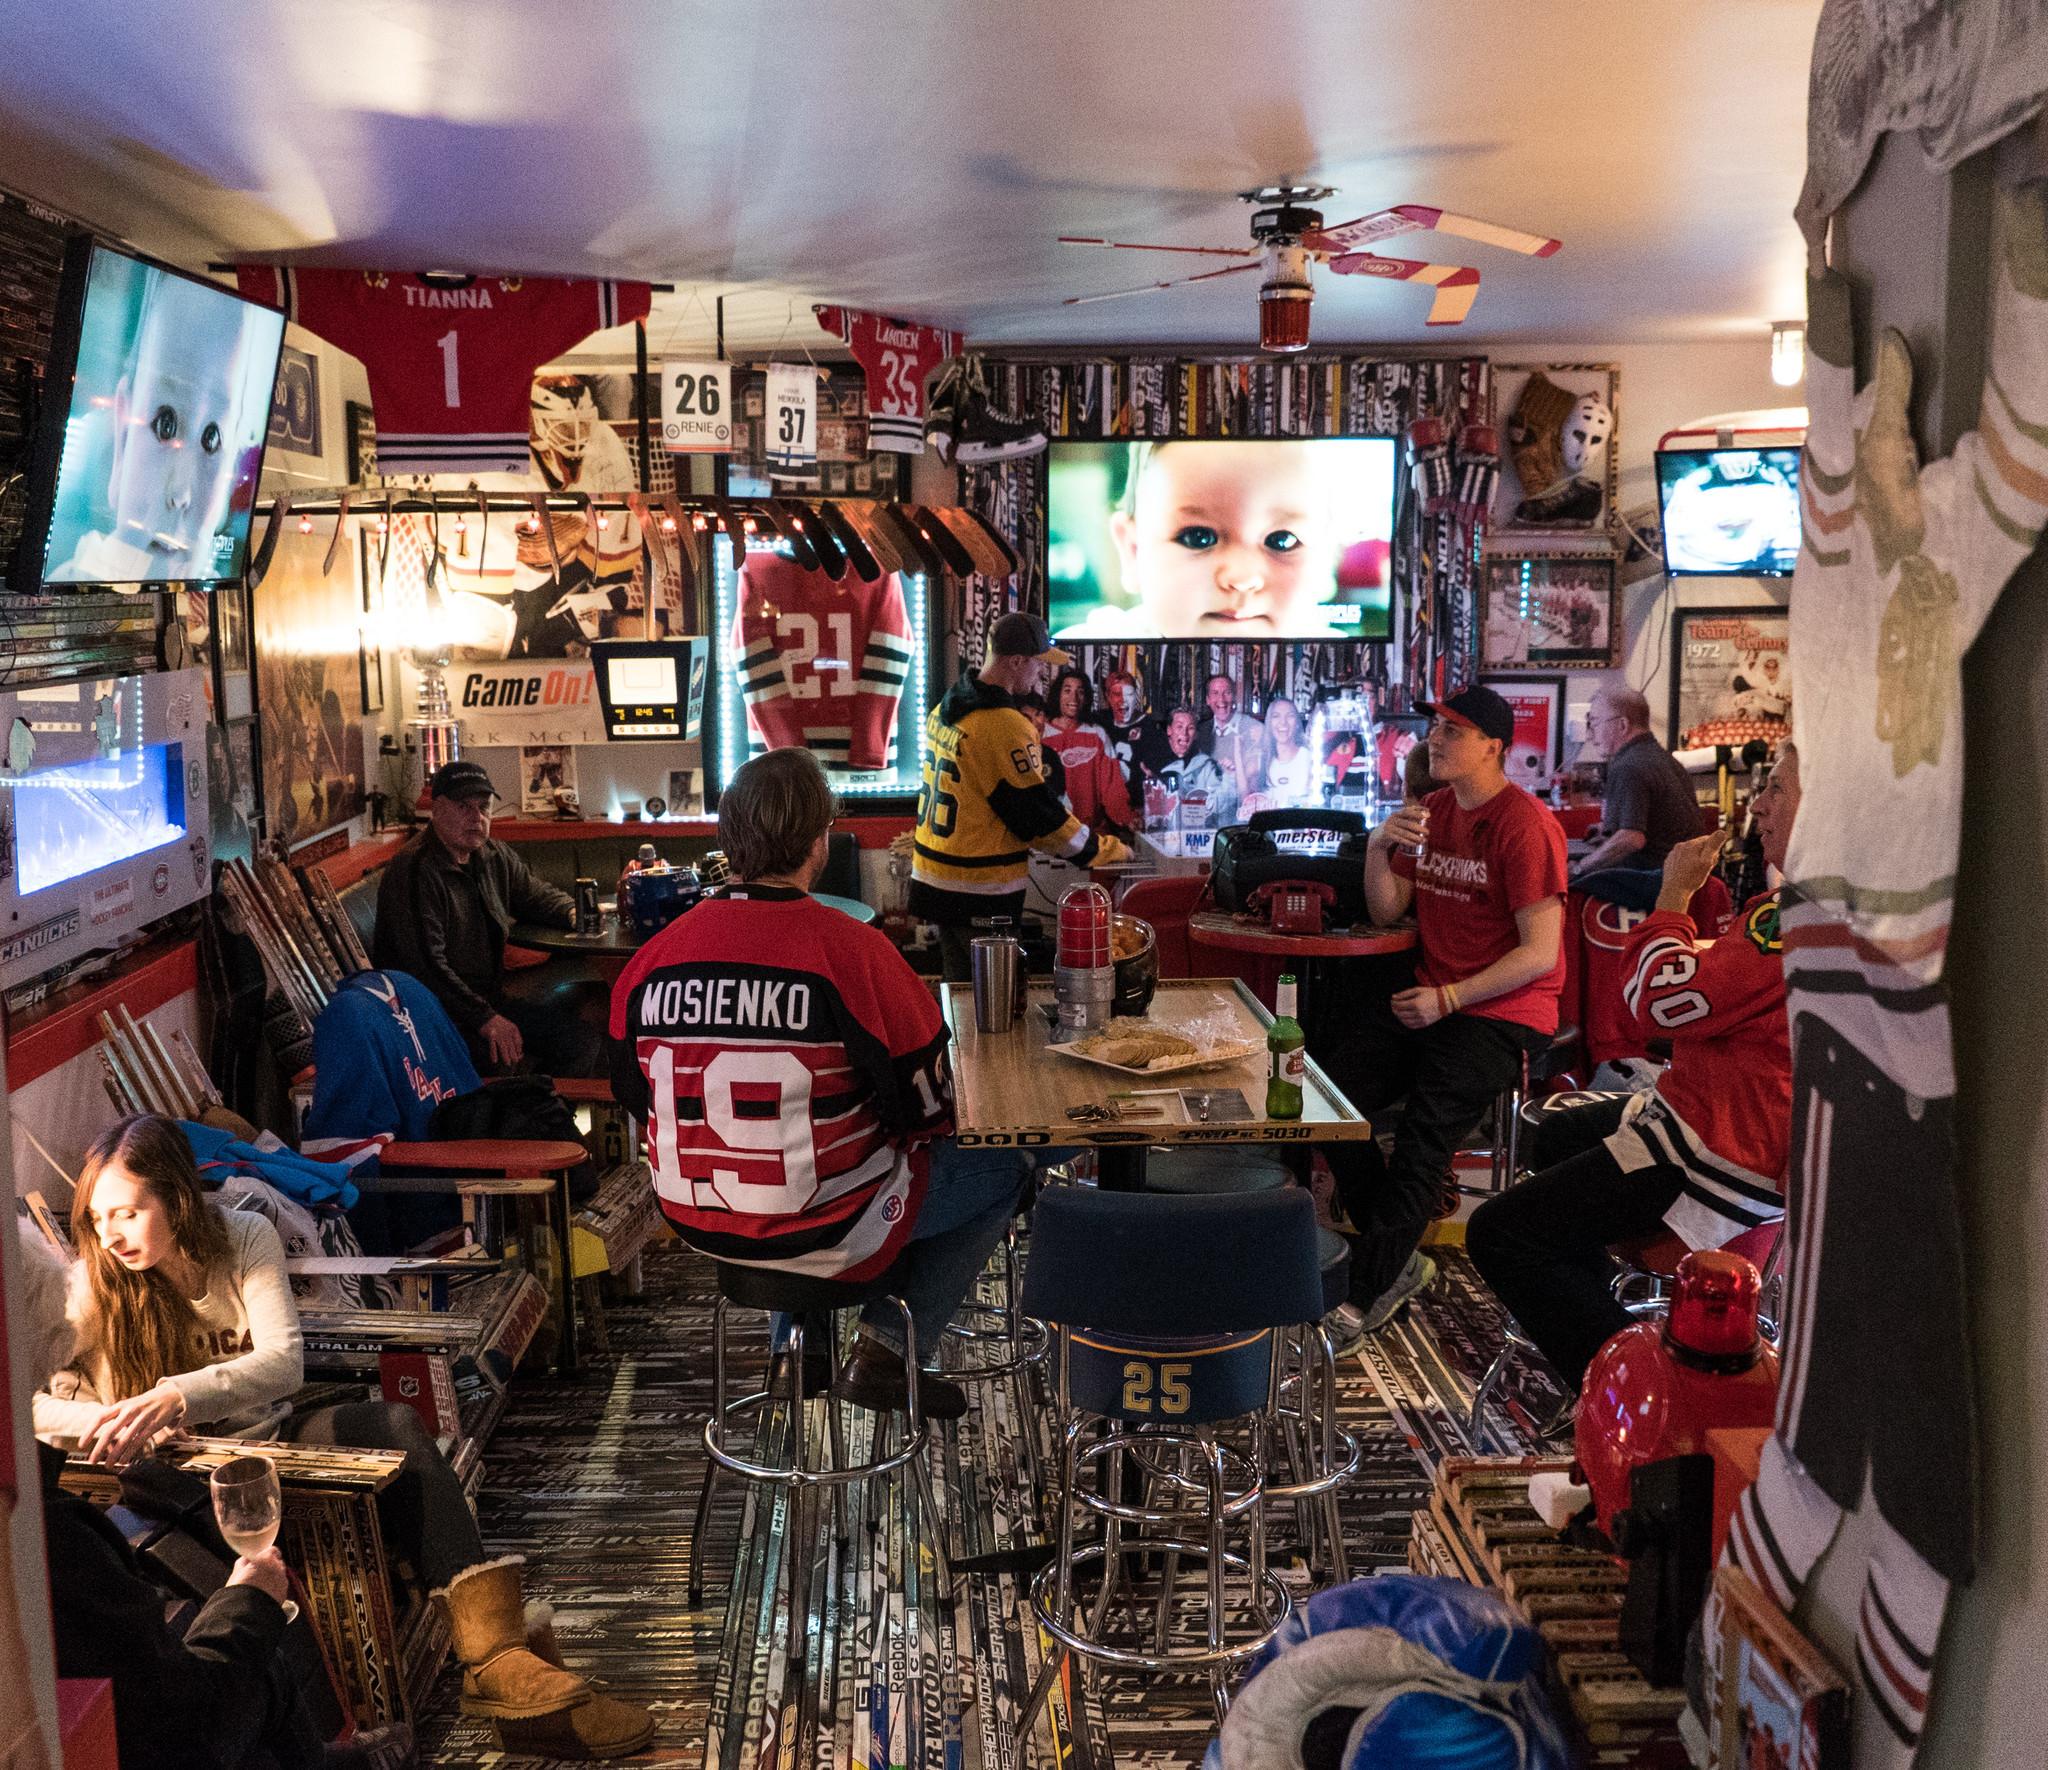 Ct-blackhawks-fan-cave--spt-1129-20161128